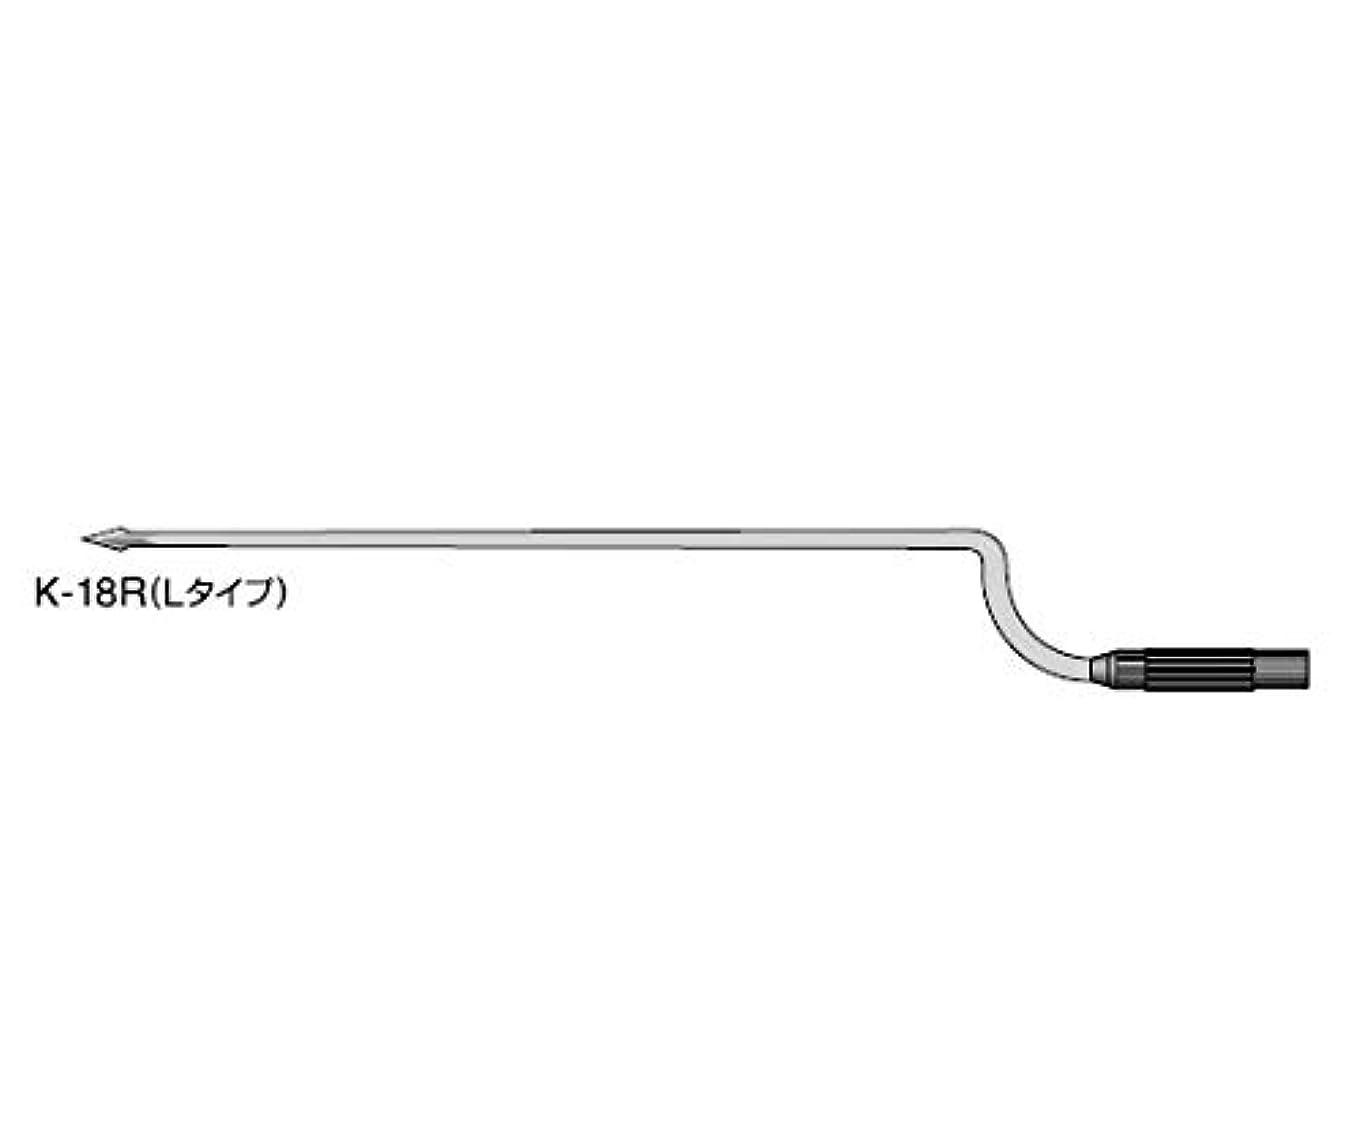 摩擦覚醒白鳥鼓膜切開刀 替刃[フェザー] Lタイプ 5本入 K-18R